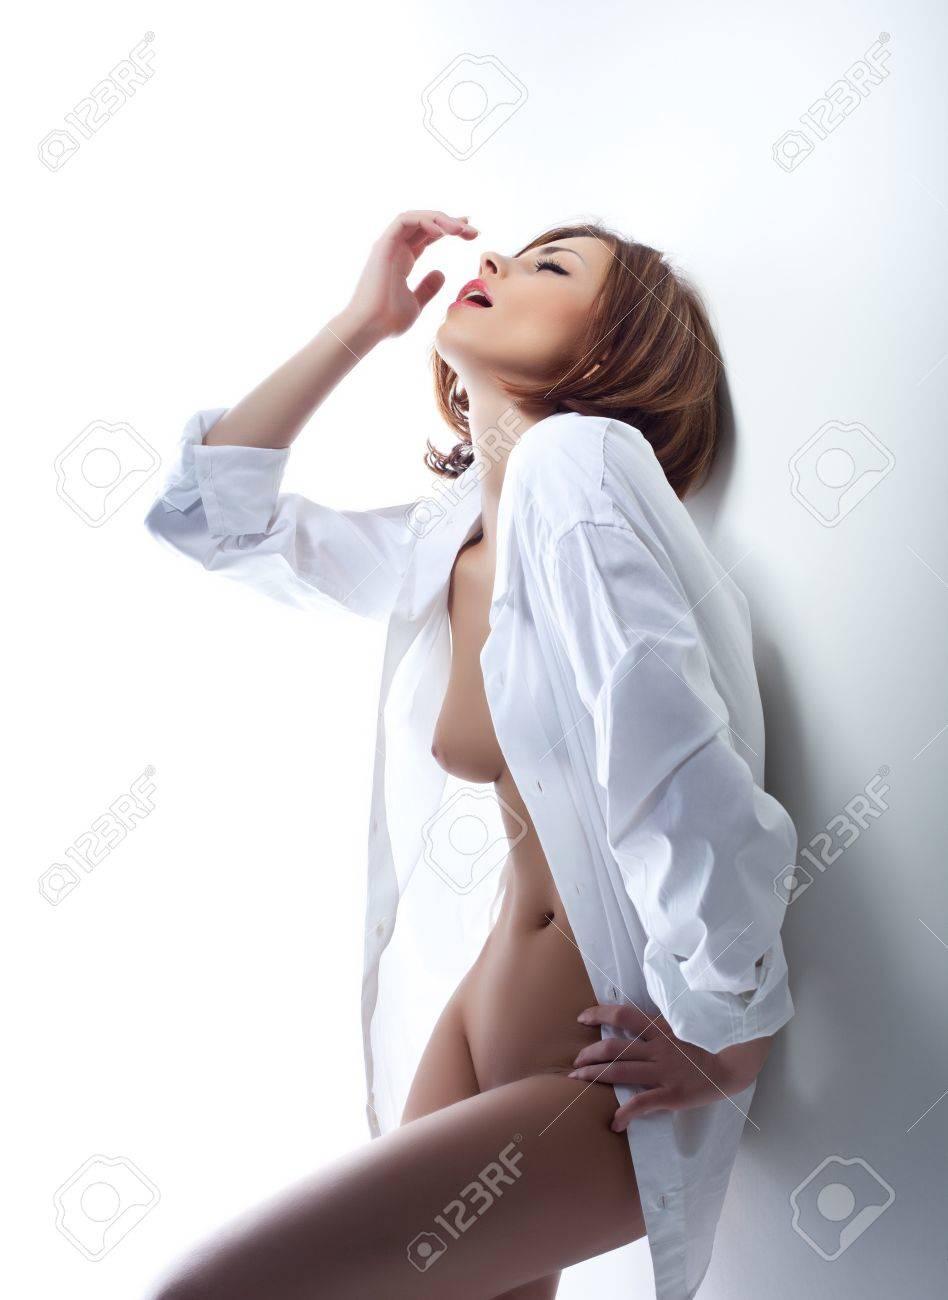 Расстегнутая блузка секс 7 фотография